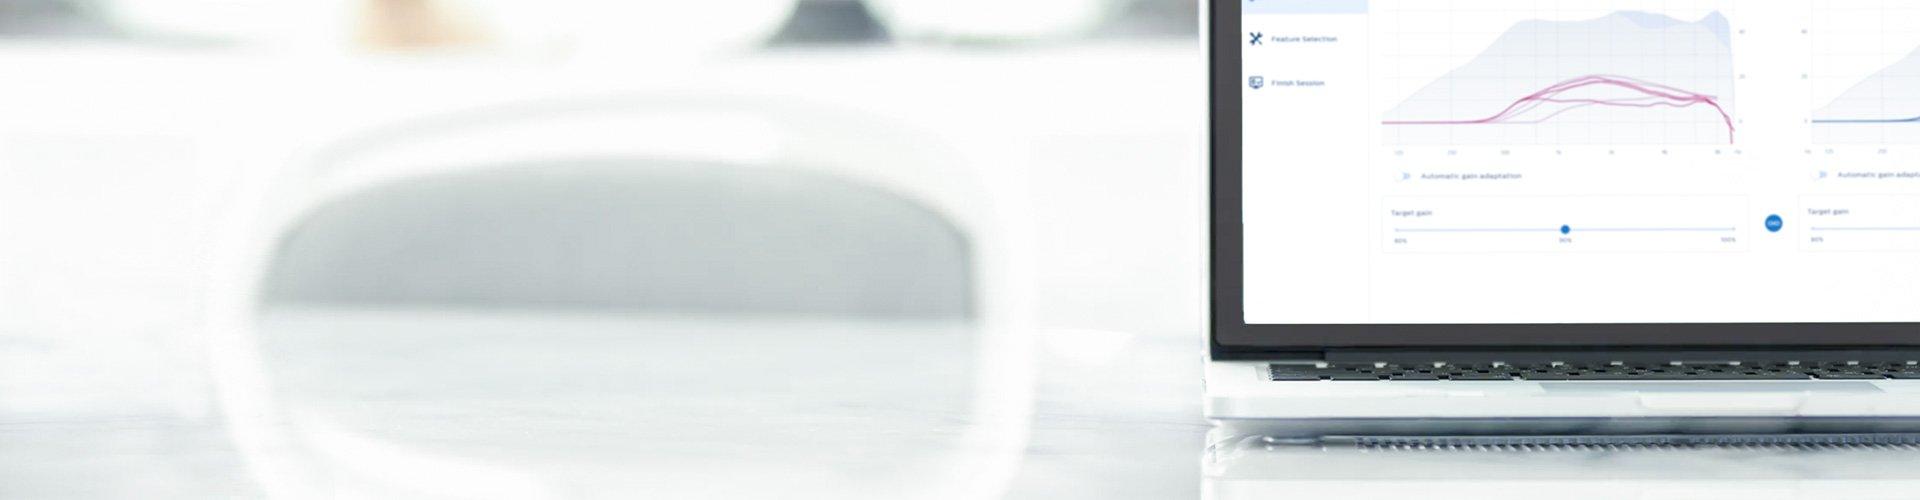 전문가를 위한 필립스 히어스위트(HearSuite) 스크린샷. 필립스 히어링크(HearLink) 보청기를 위한 피팅 소프트웨어.